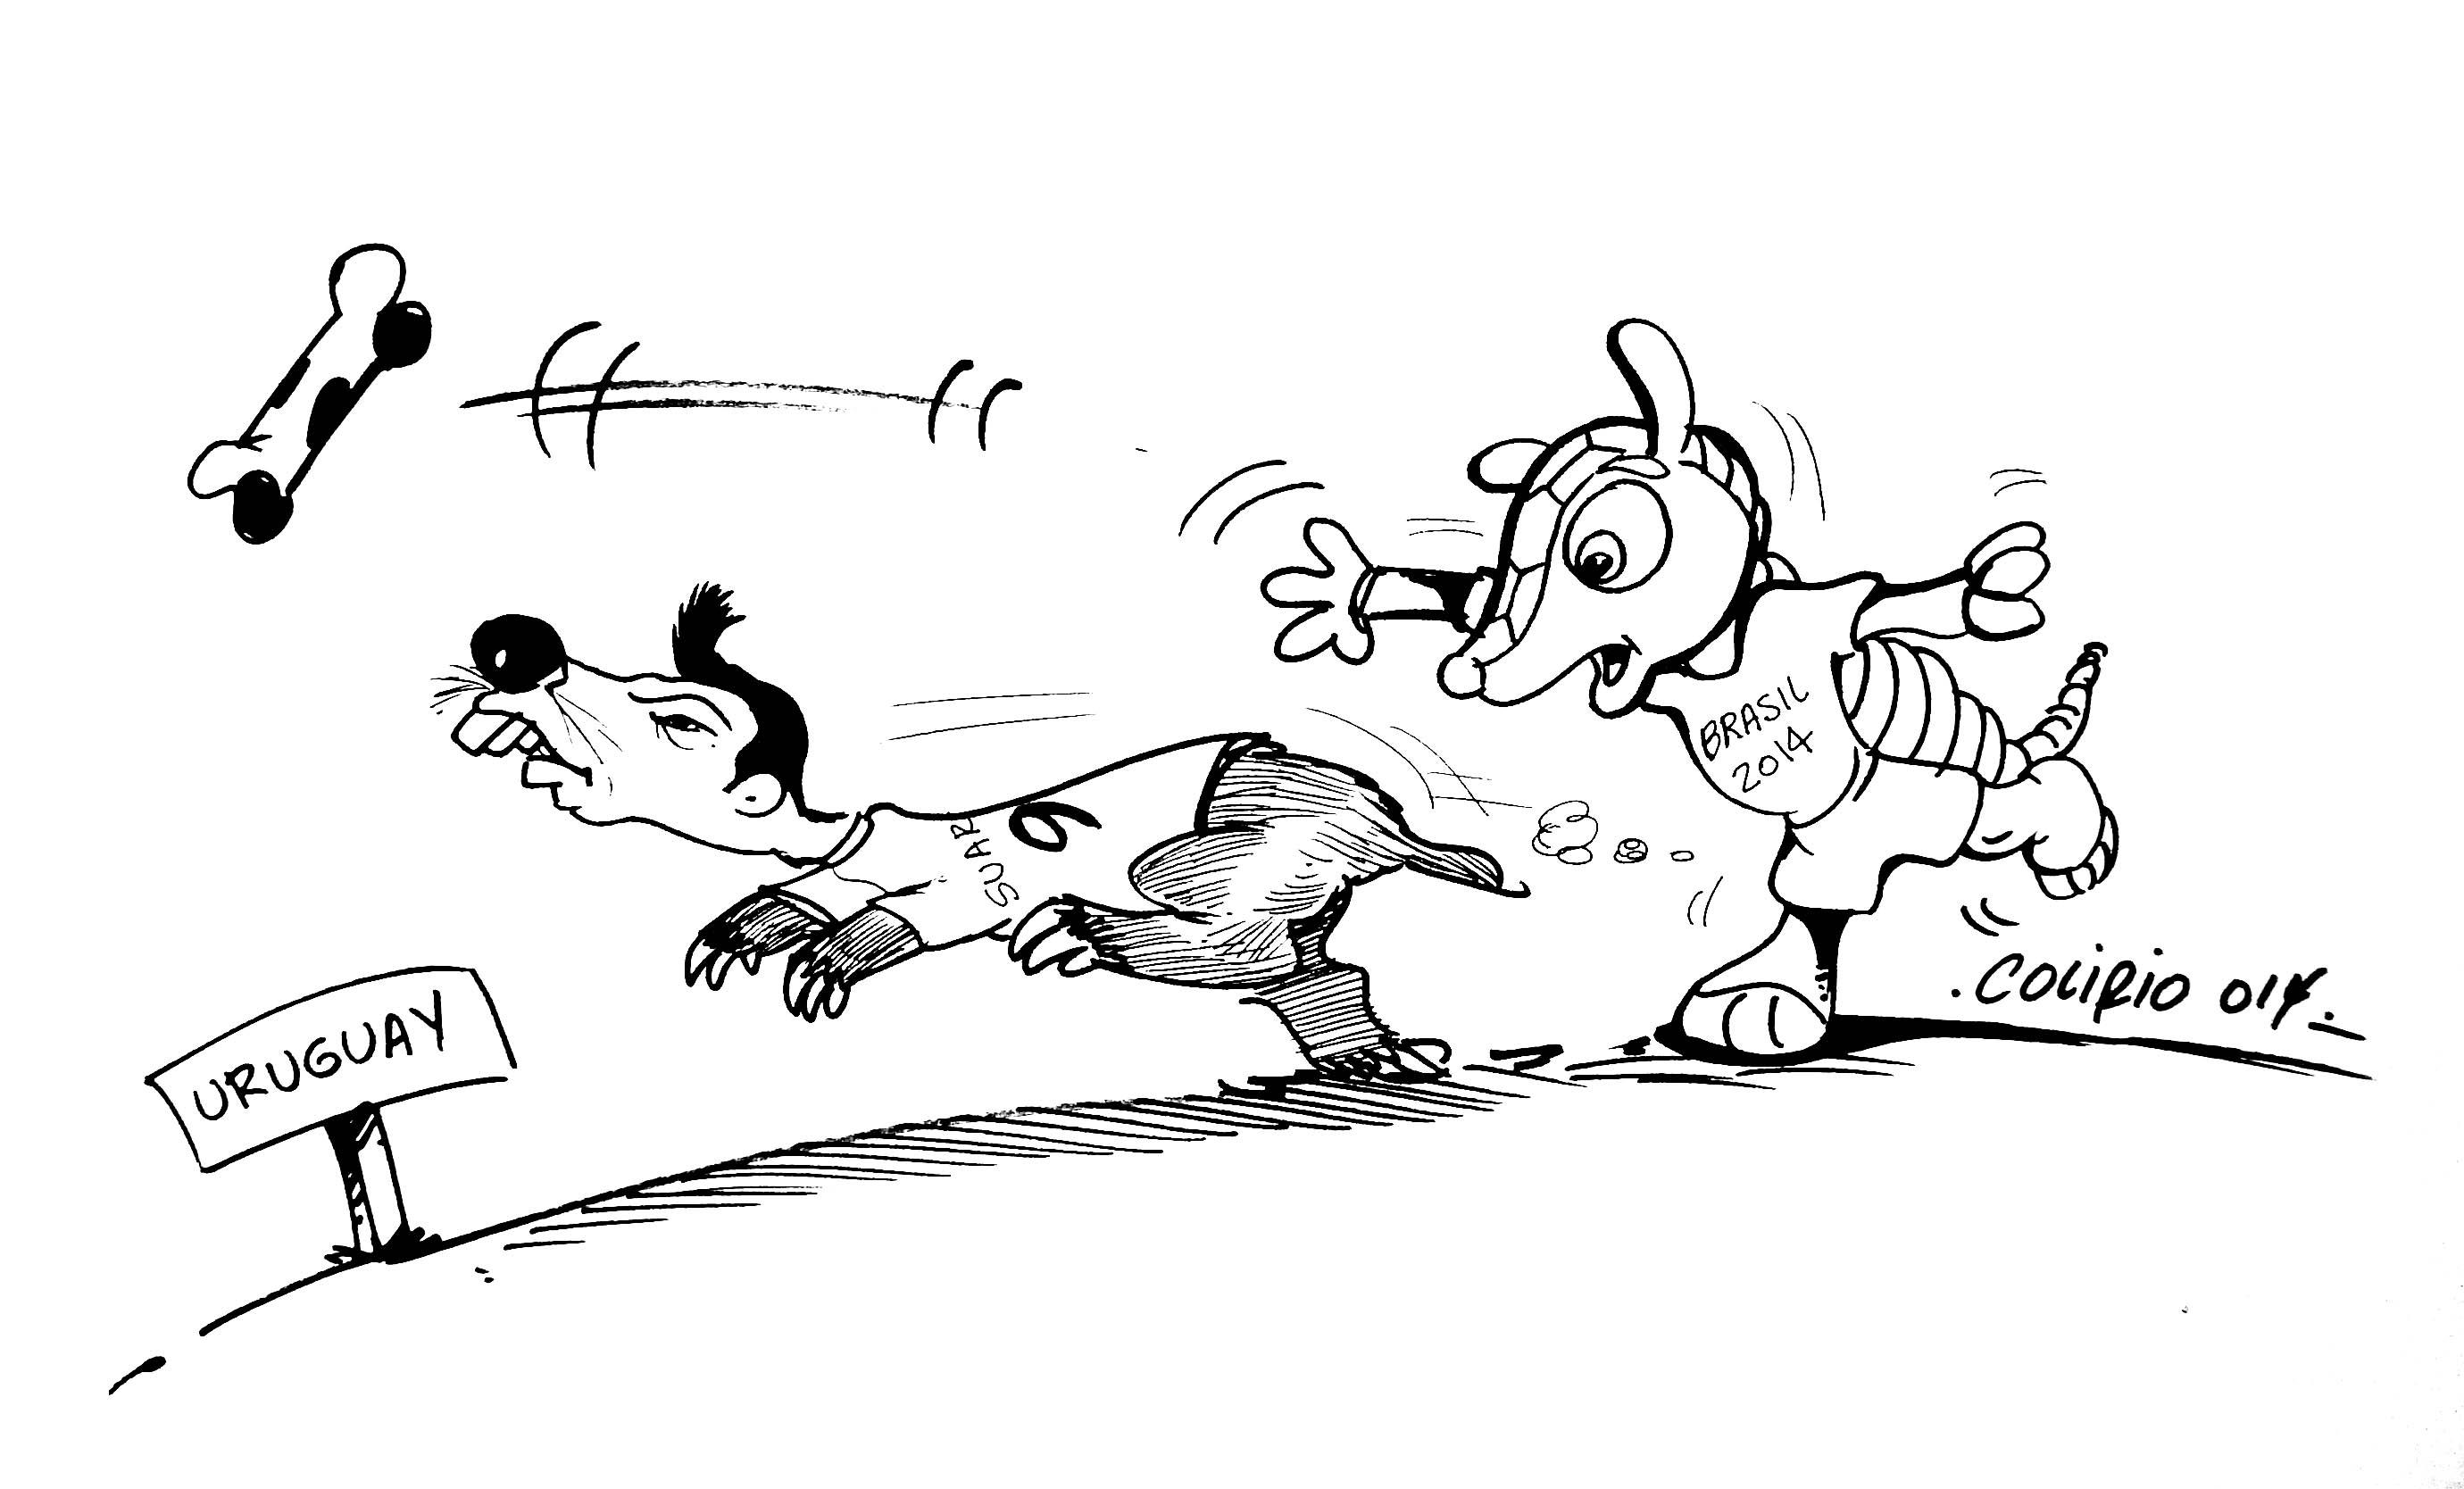 carica sab 28 de junio de 2014